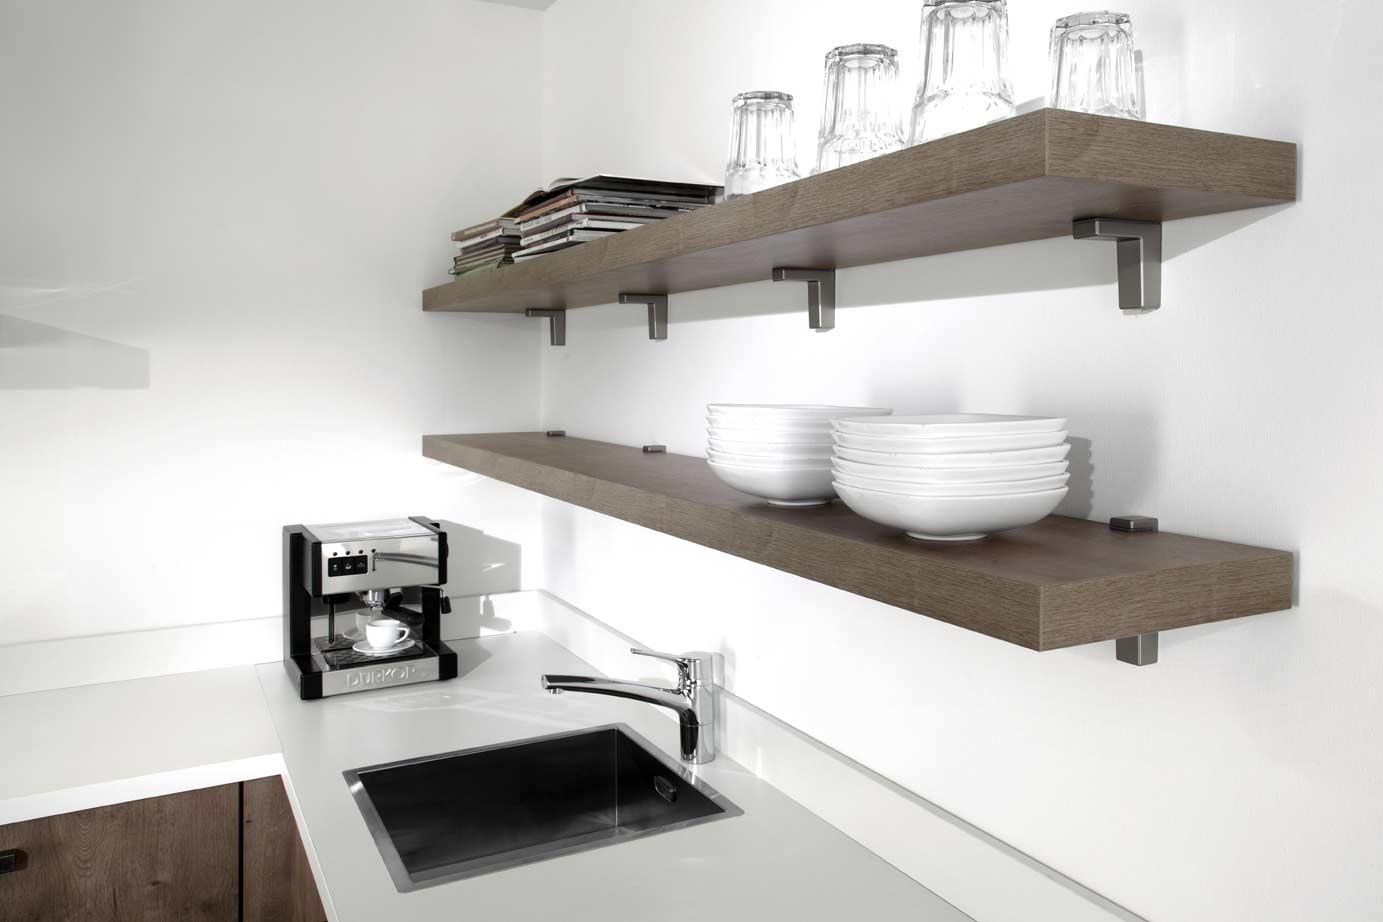 Goedkope keukens onwaarschijnlijk lage prijs - Kleine hoekkeuken ...